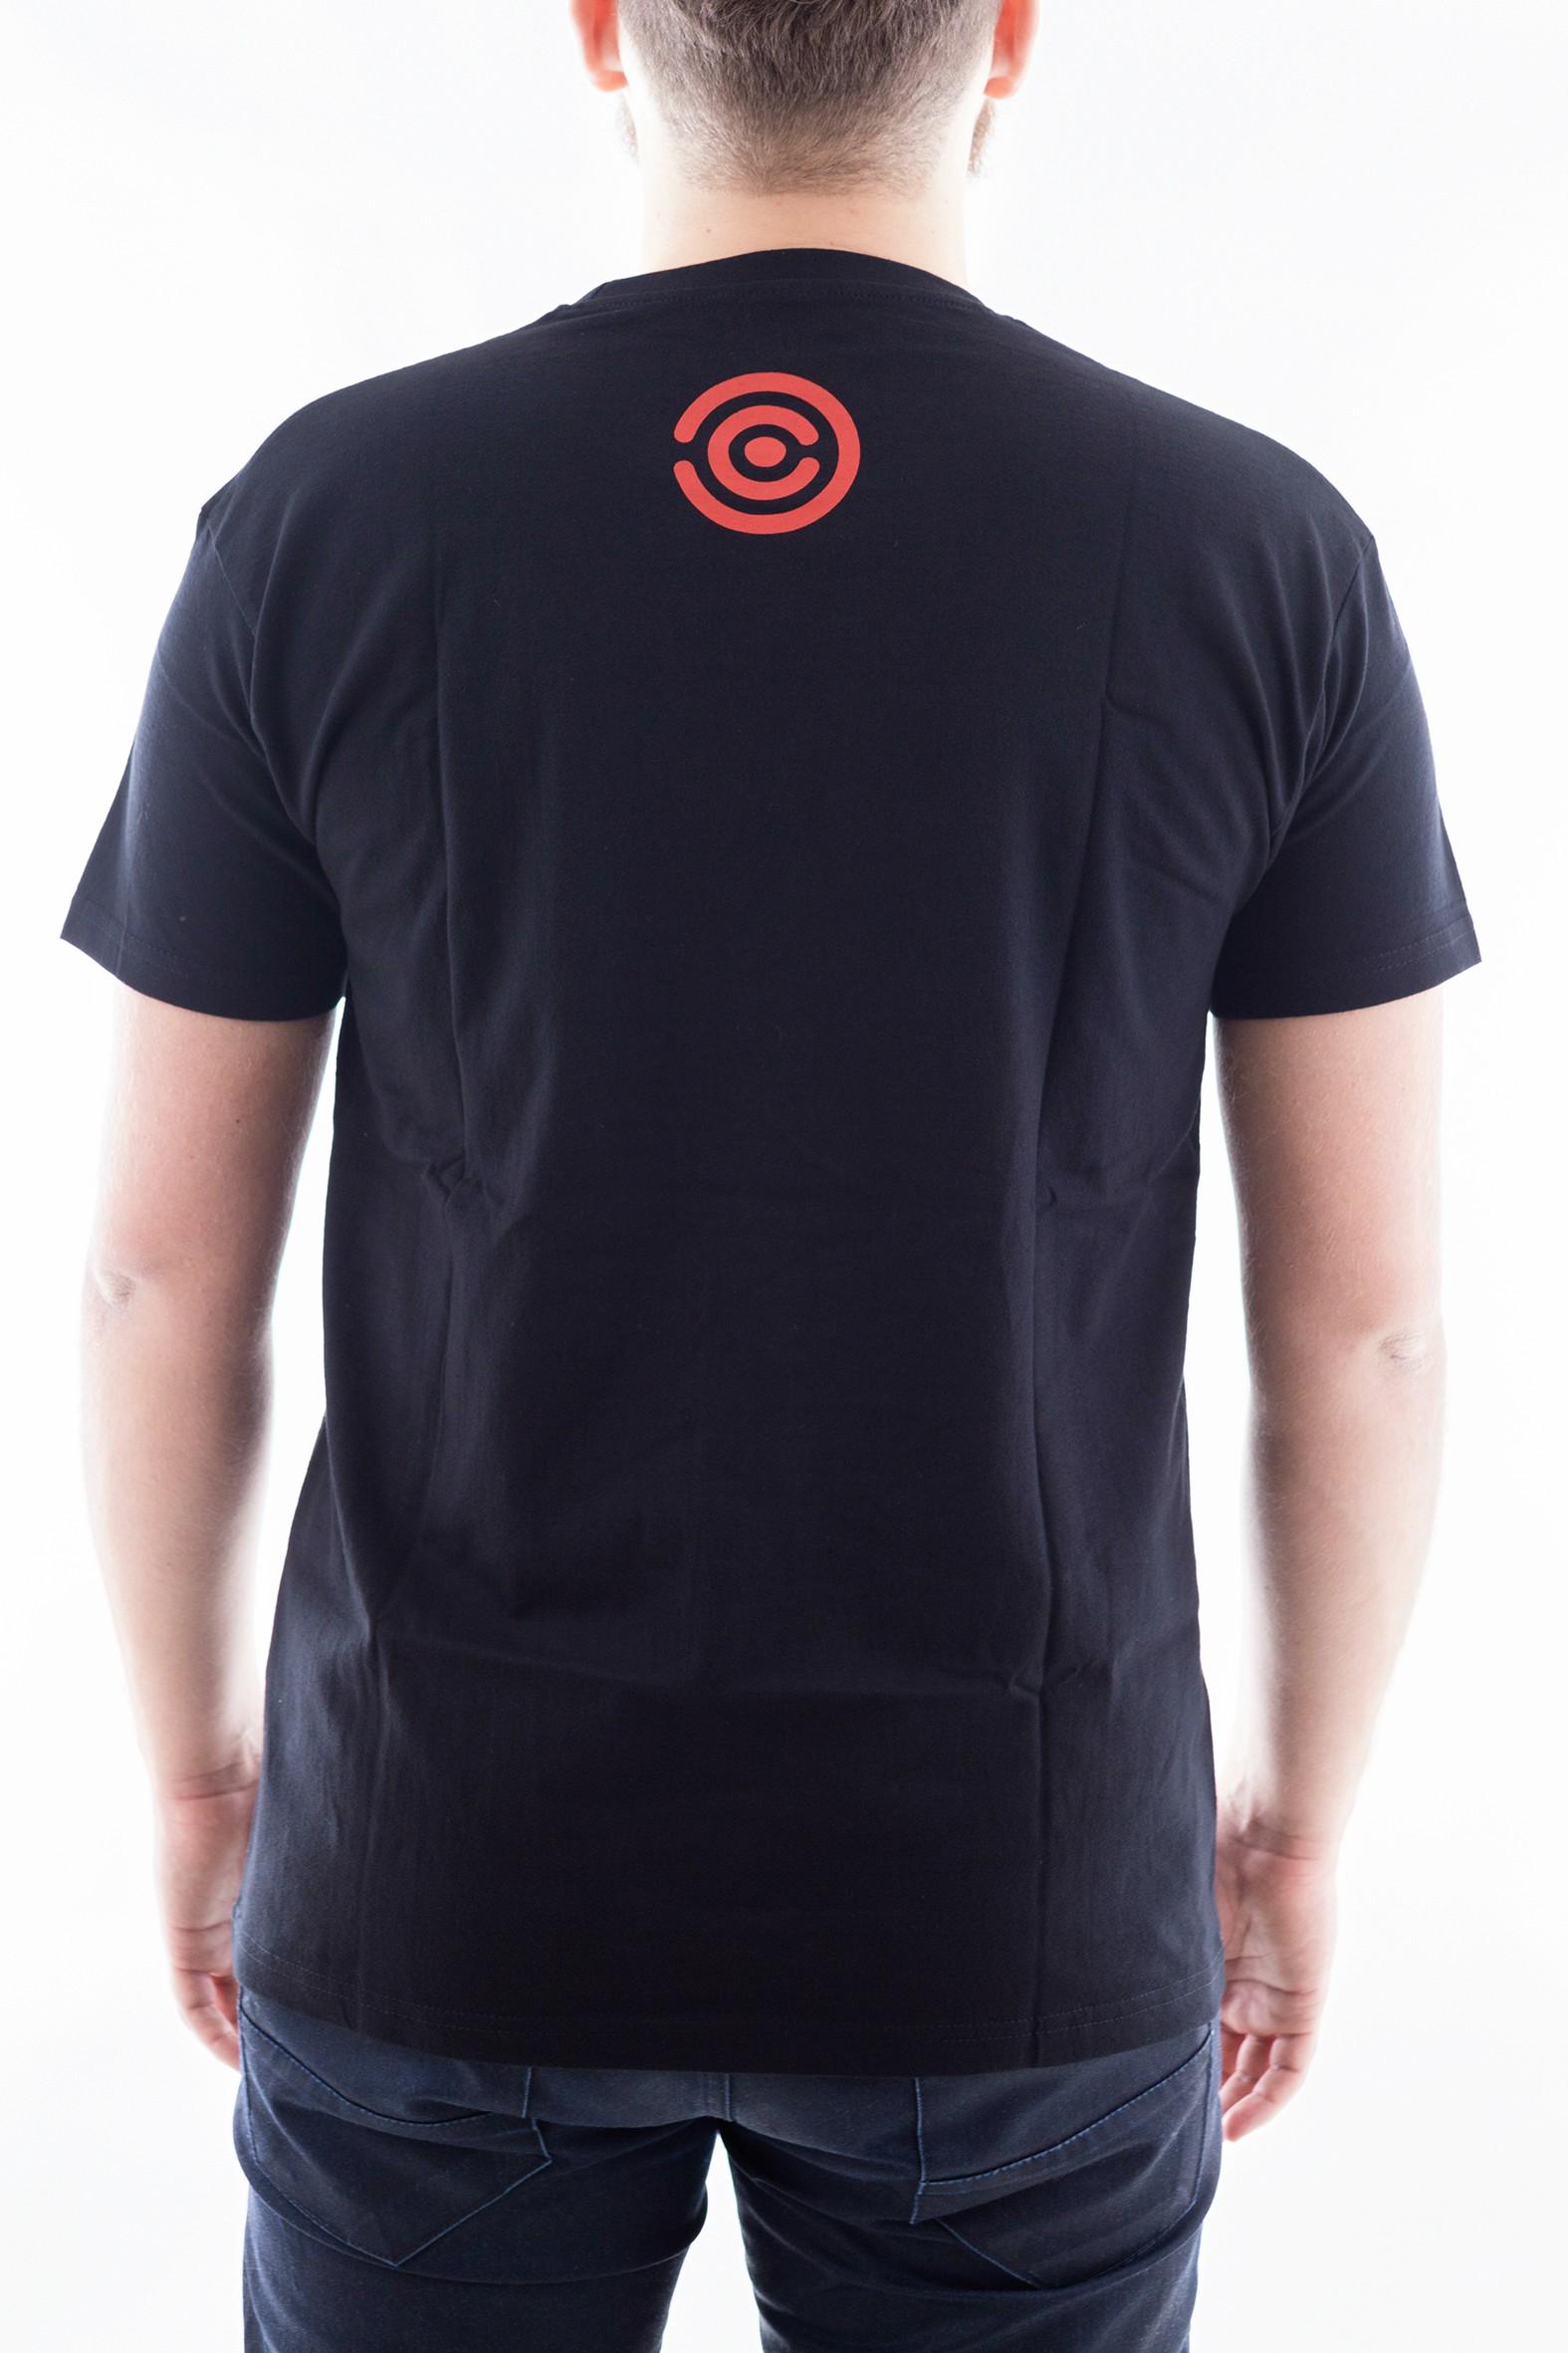 Pánské tričko s mimozemšťanem - 2